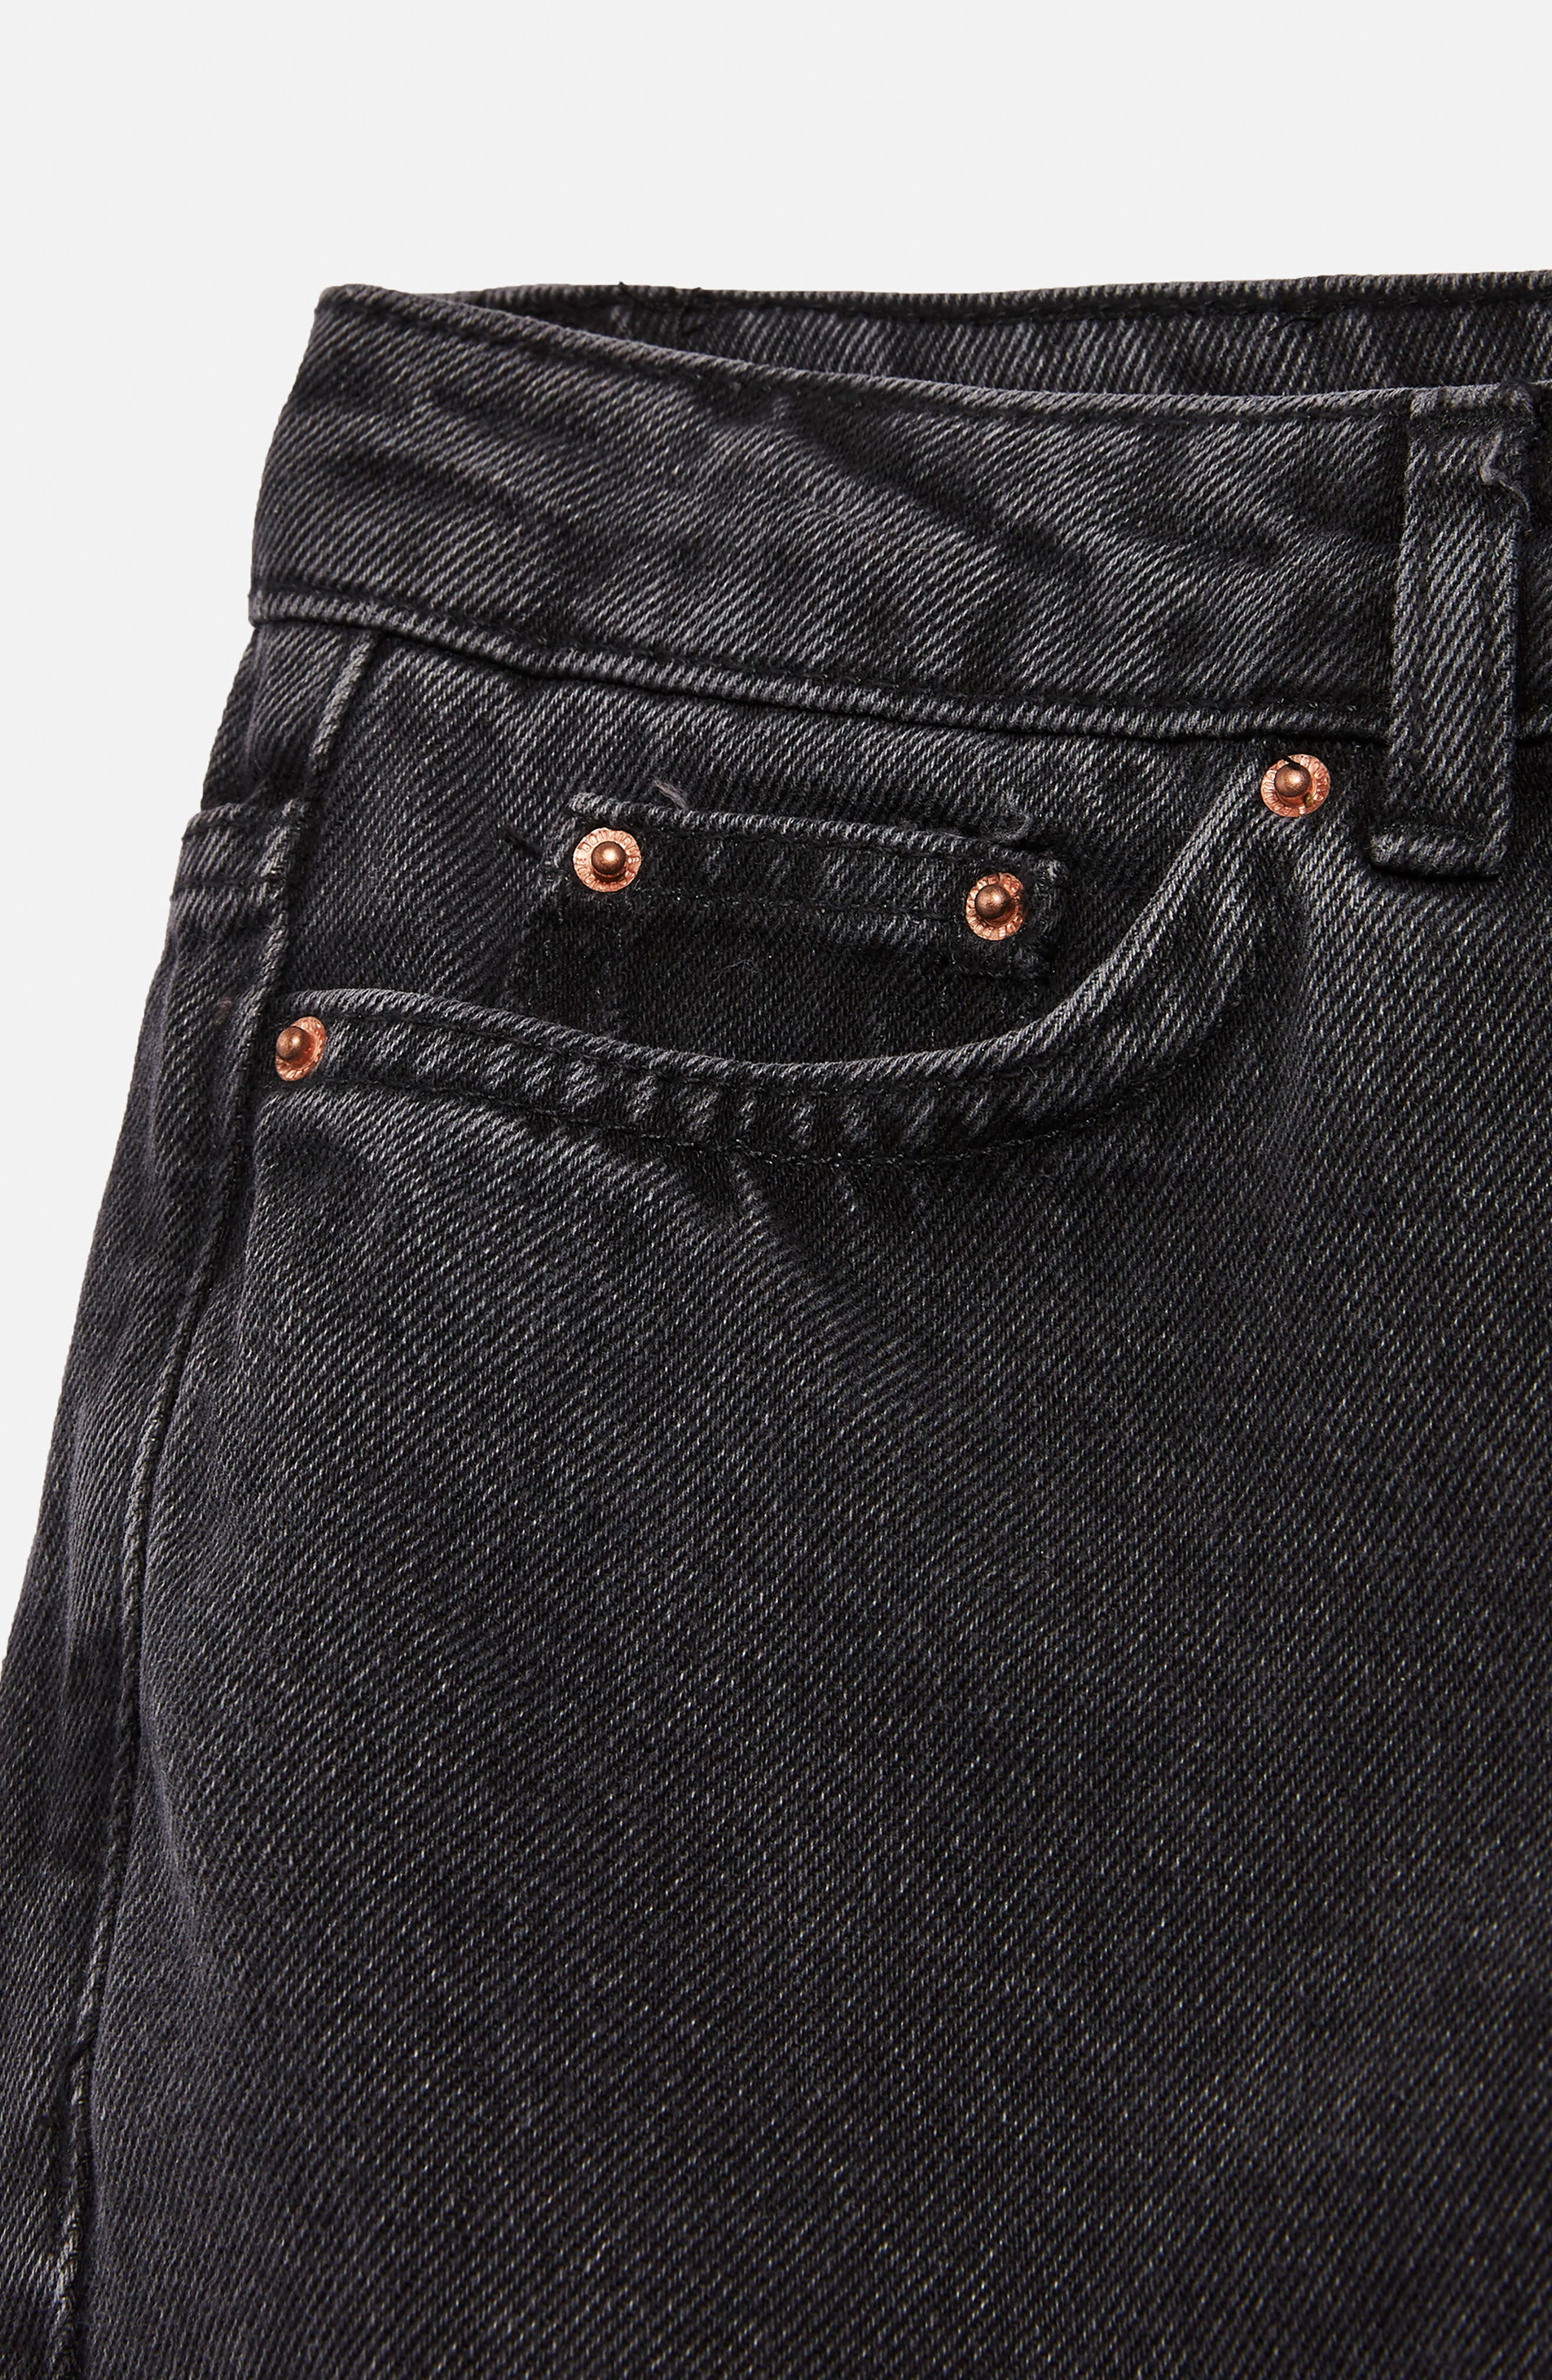 Raw Hem Kick Flare Jeans,                             Alternate thumbnail 2, color,                             003